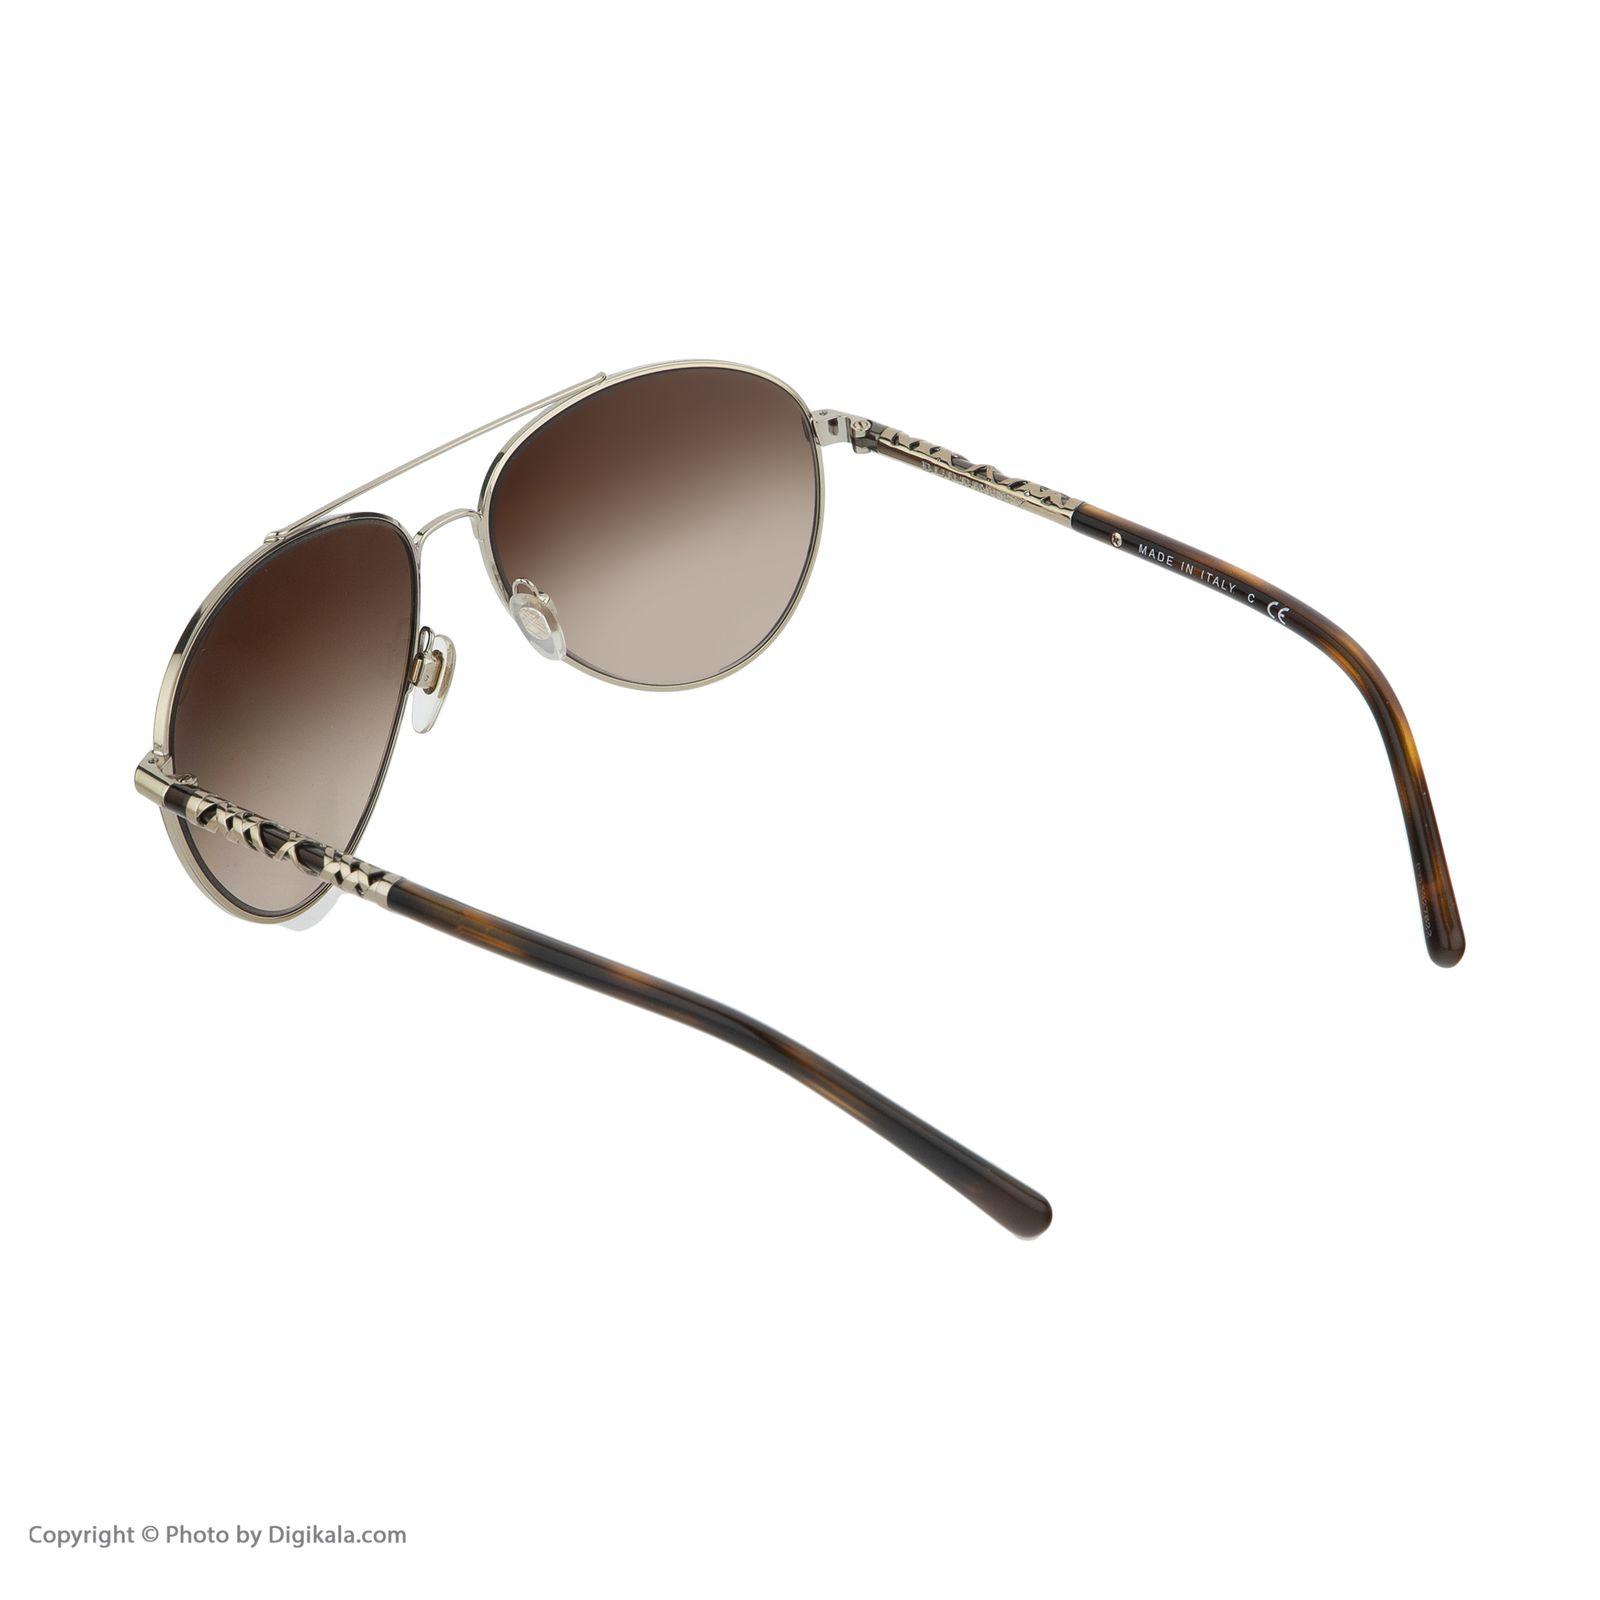 عینک آفتابی زنانه بربری مدل BE 3089S 114513 58 -  - 5